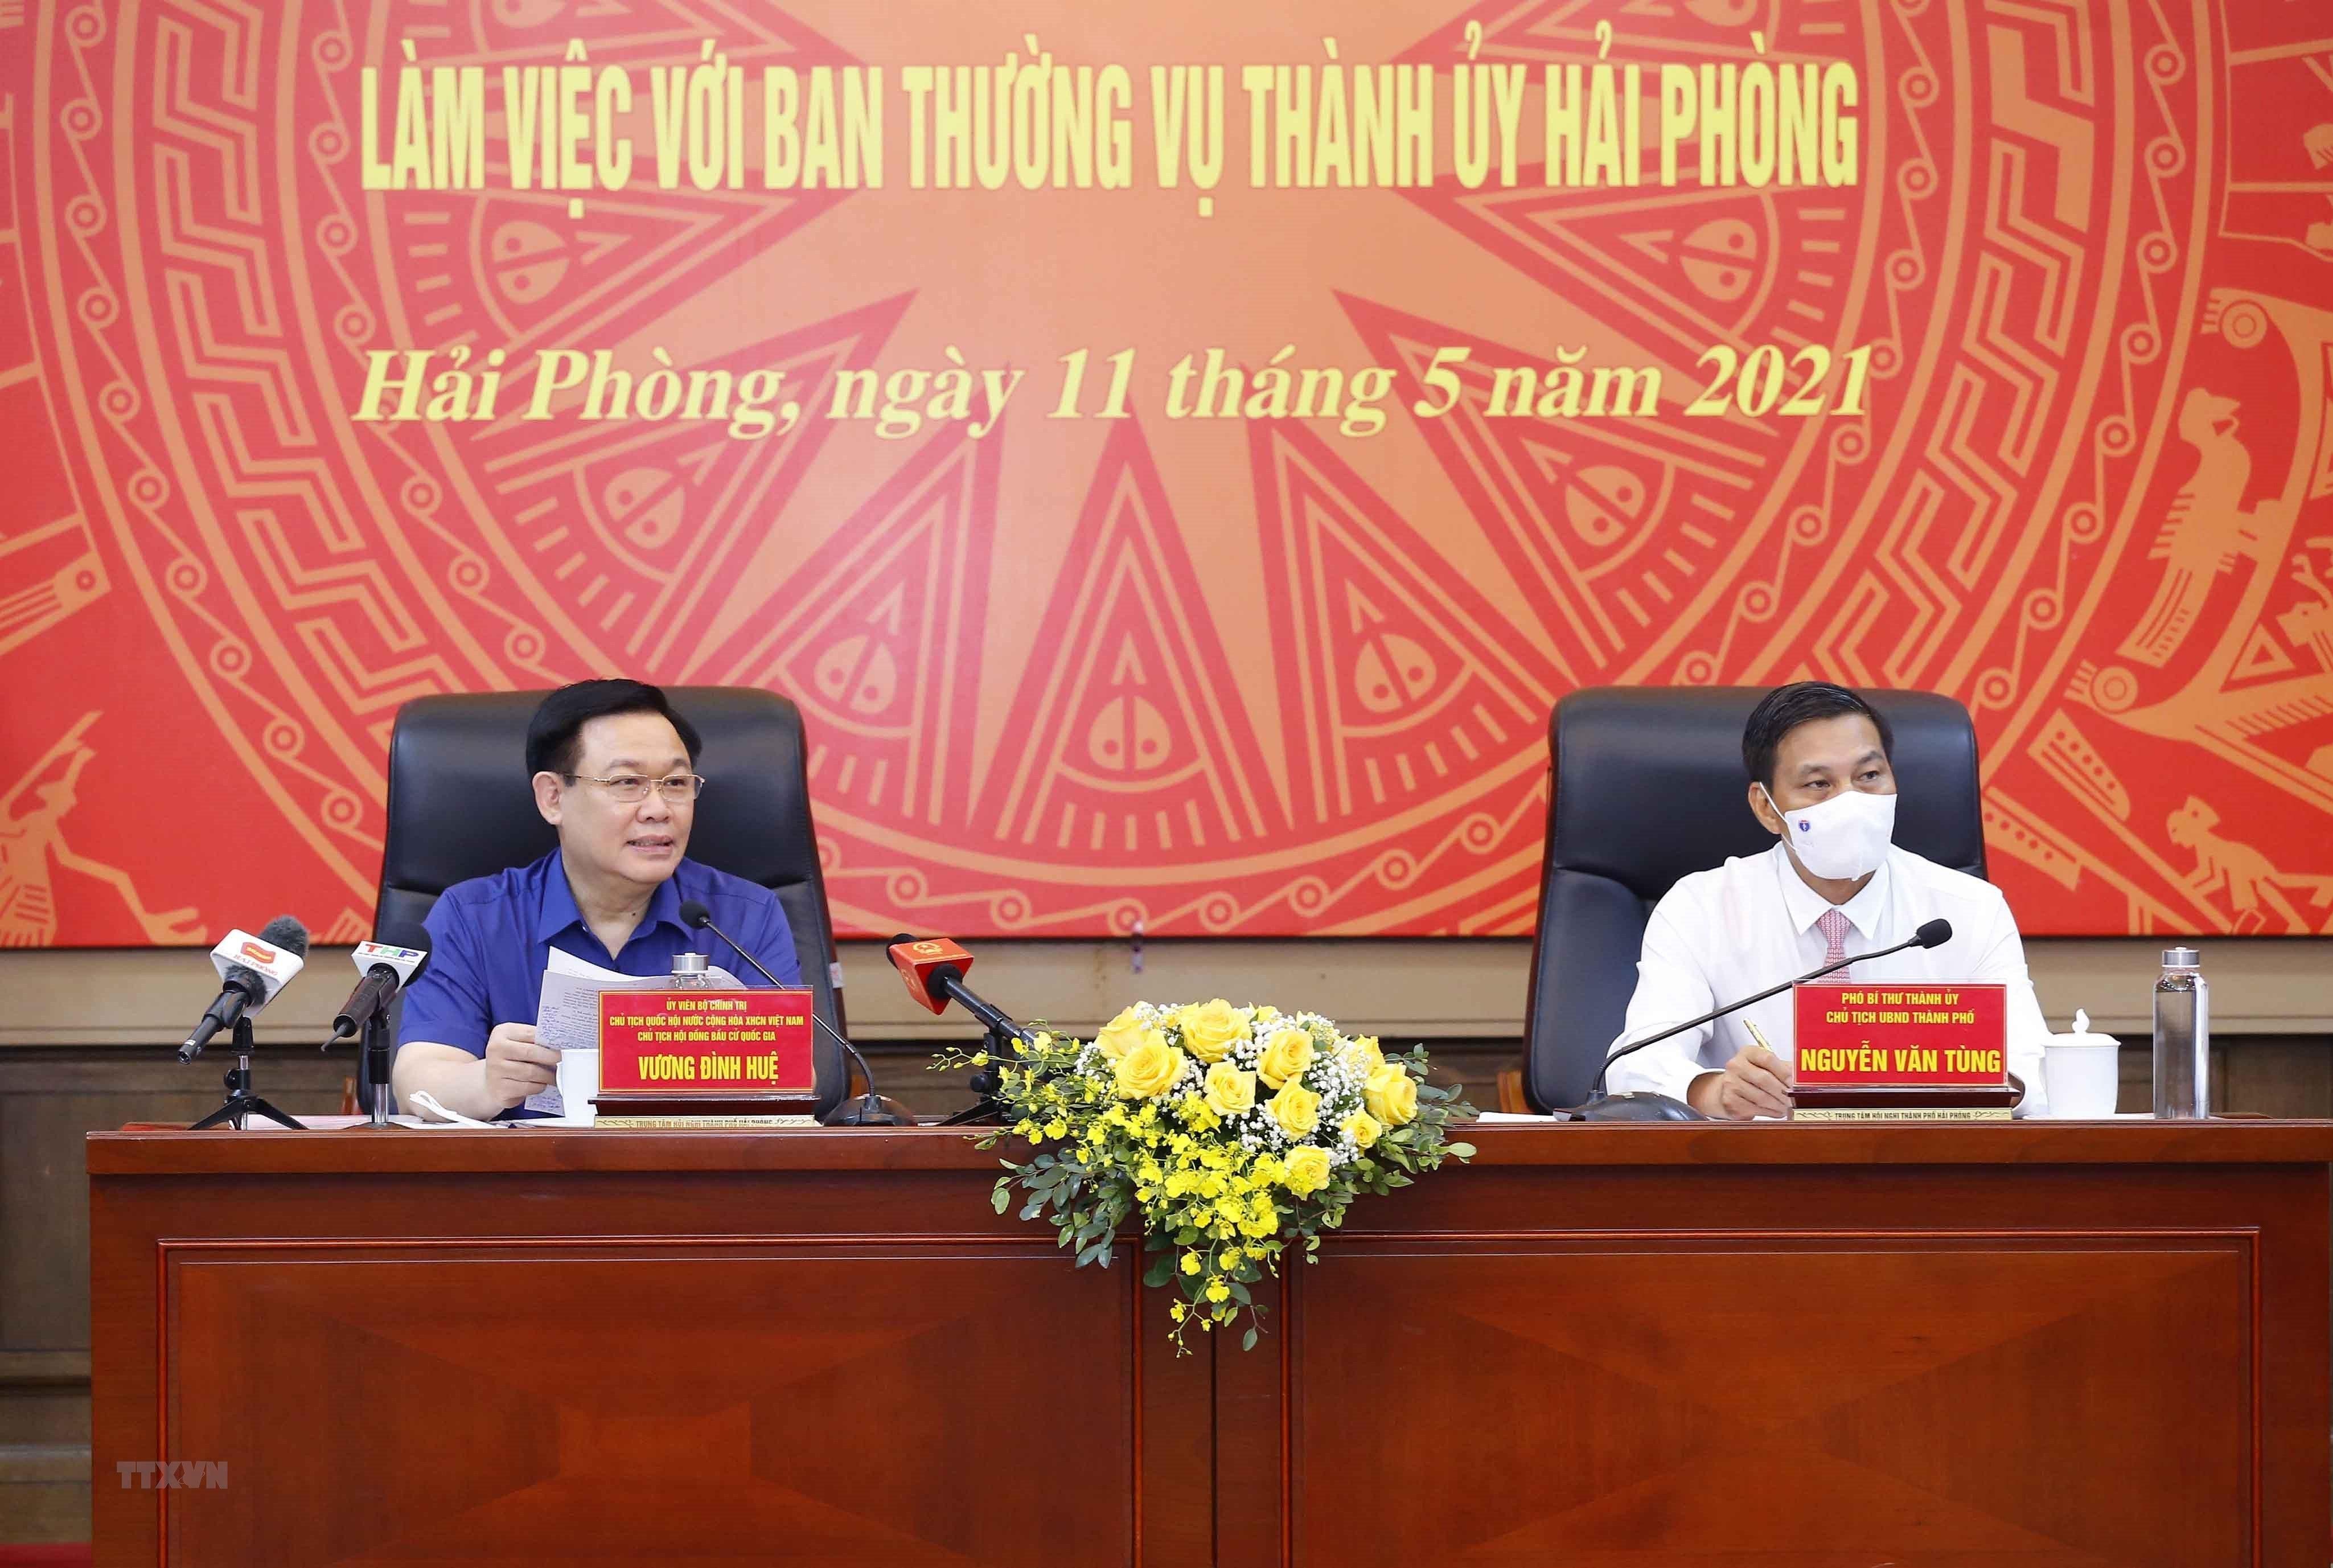 Chu tich Quoc hoi lam viec voi Ban Thuong vu Thanh uy Hai Phong hinh anh 4